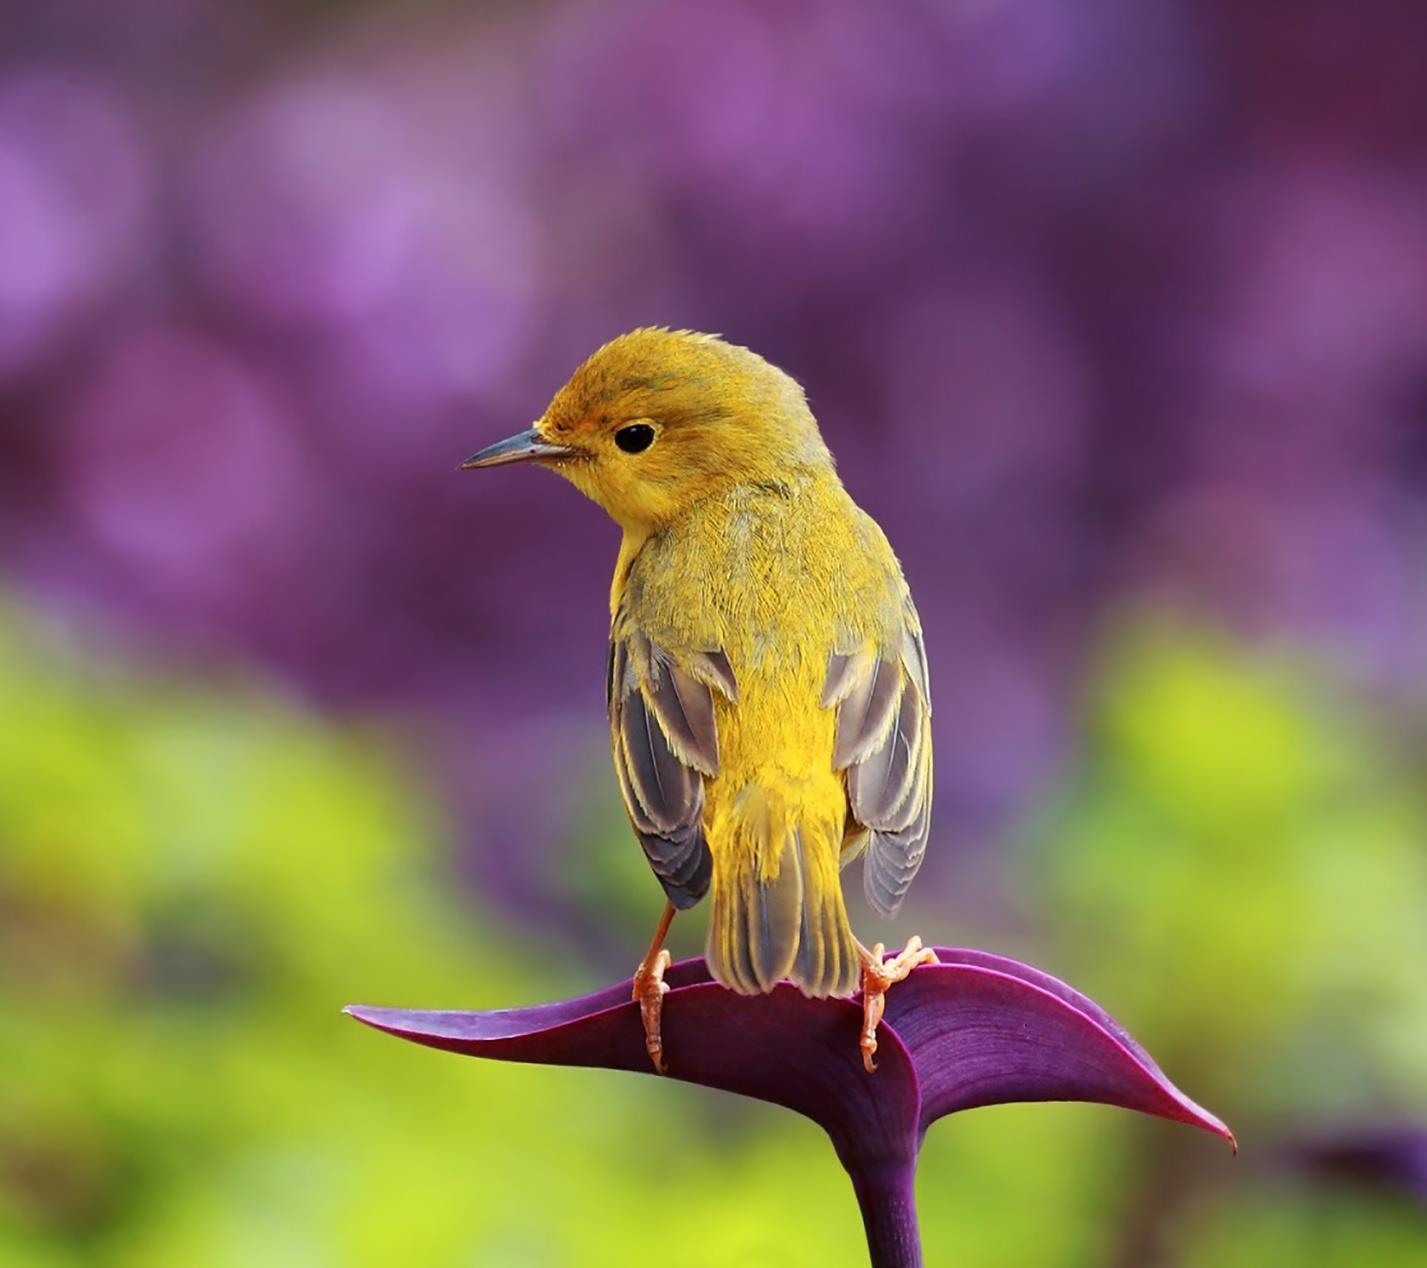 Un uccellino giallo - Sfondi per Android, i più belli da scaricare gratis